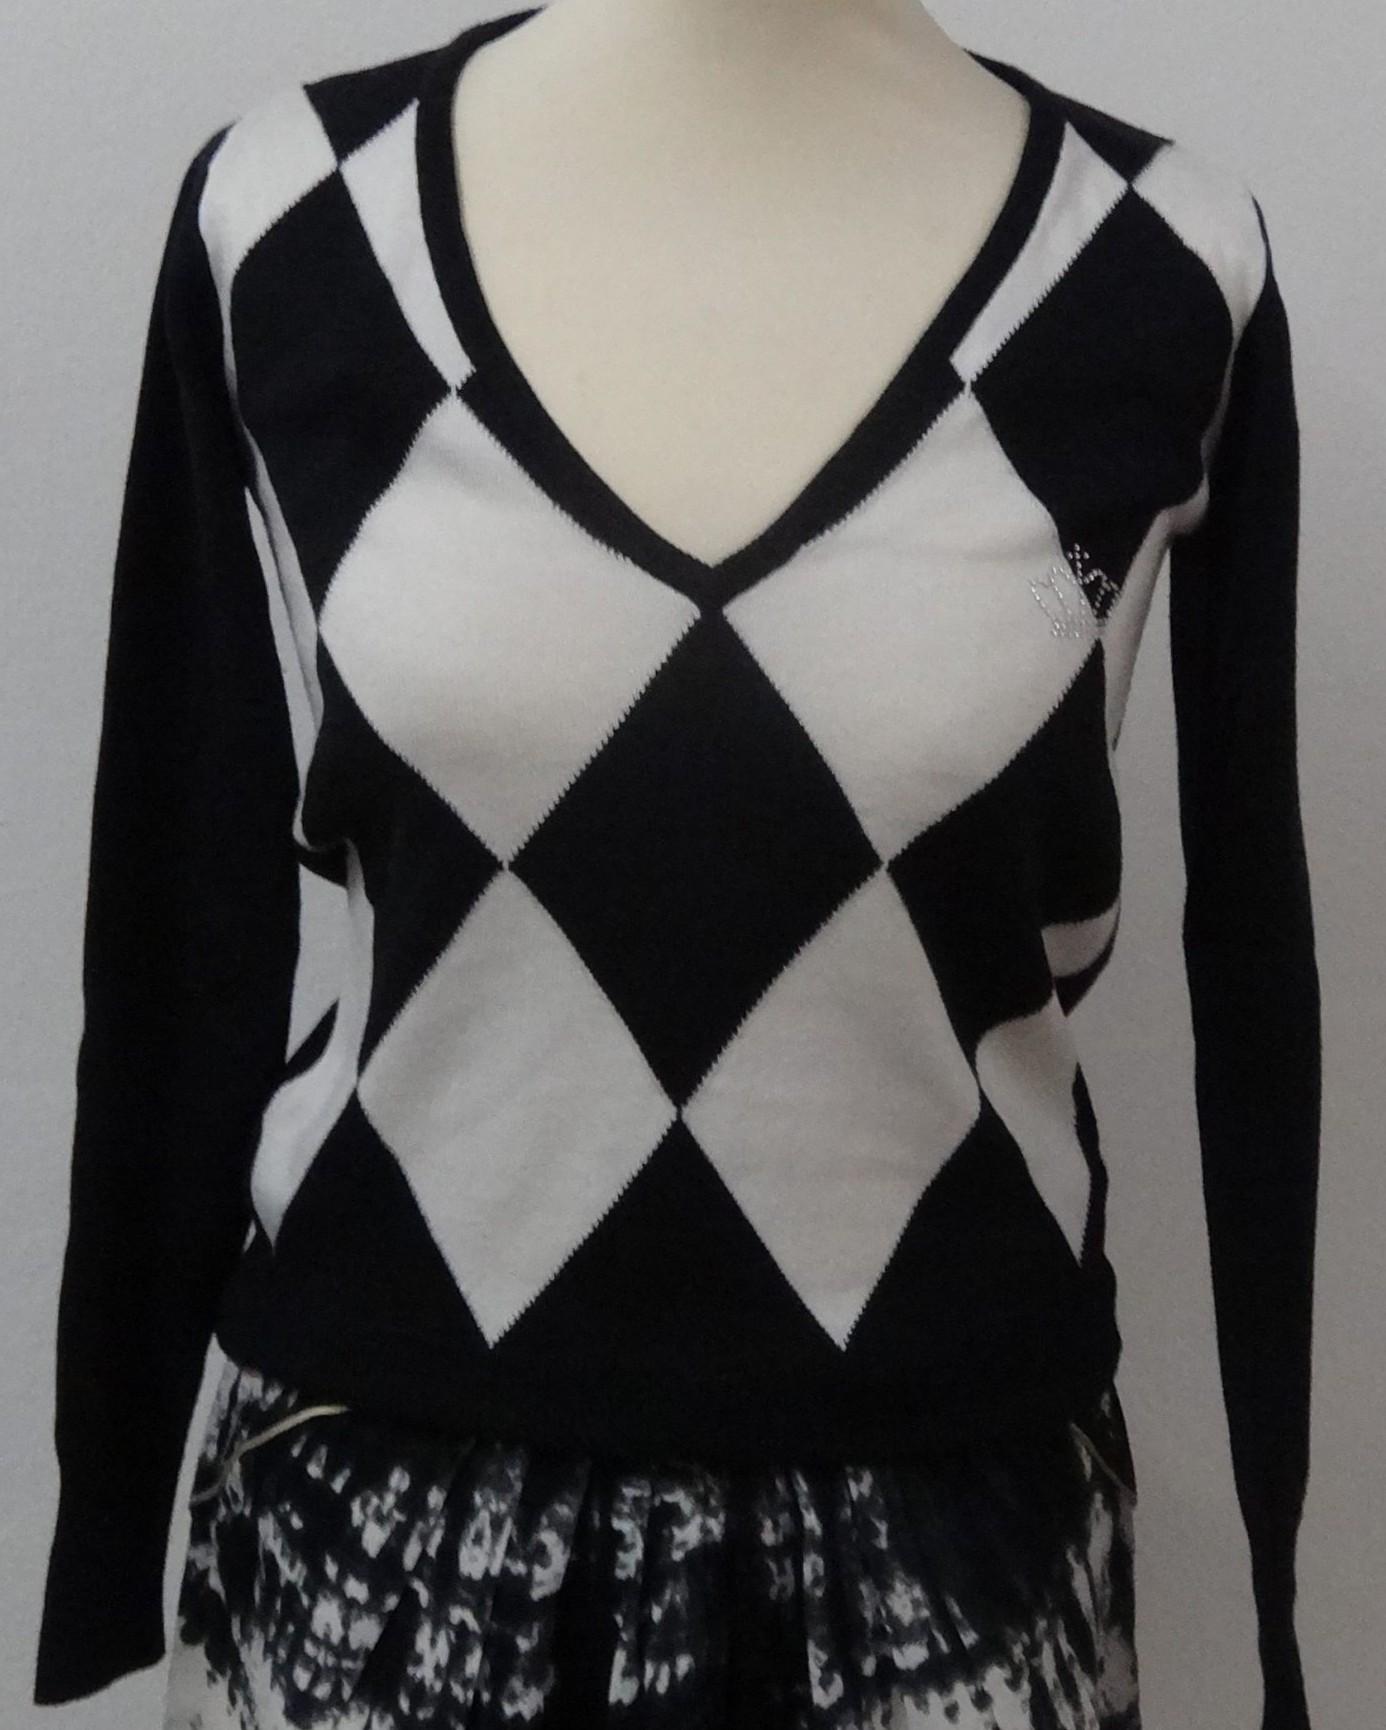 78d77f2279c Strikbluse med harlekin tern - Care & Share Vintage